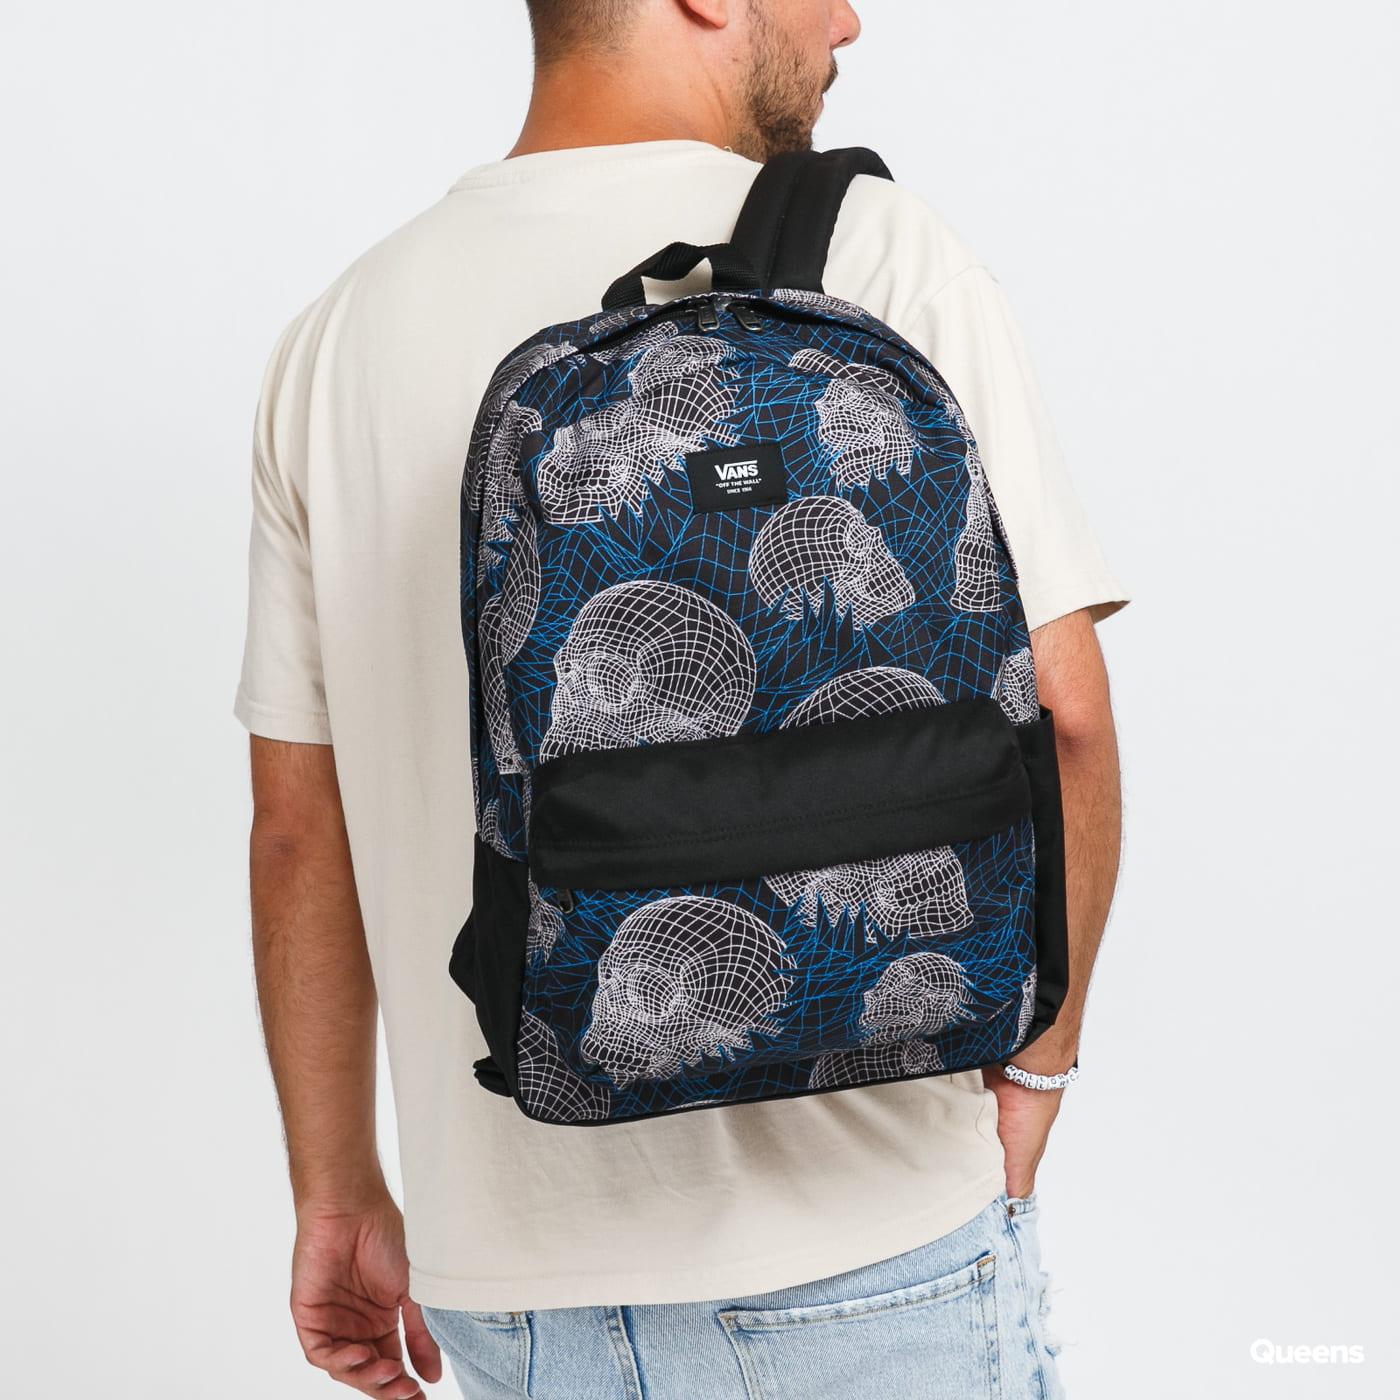 Vans Old Skool IIII Backpack černý / modrý / krémový